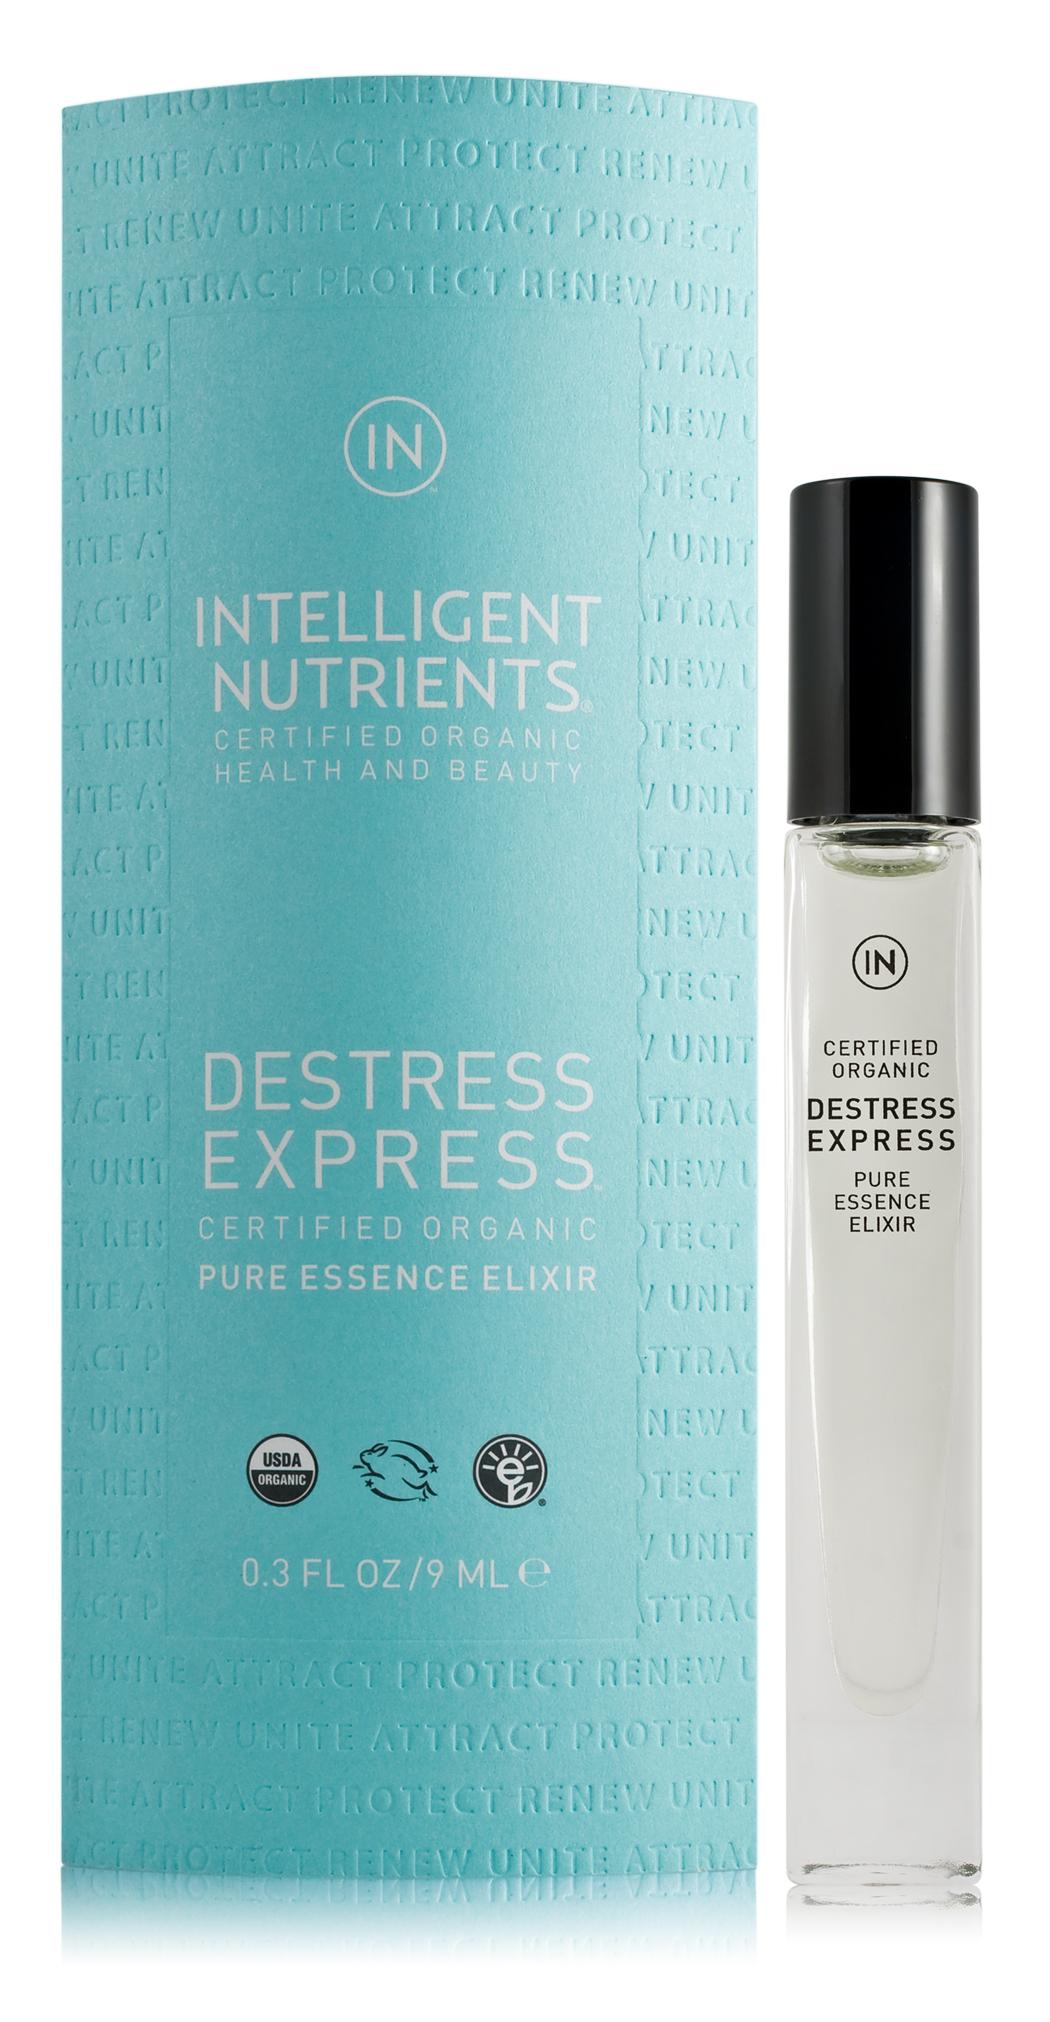 Destress Express™ Pure Essence Elixir - Acupressure ball (DKK335/9ml)